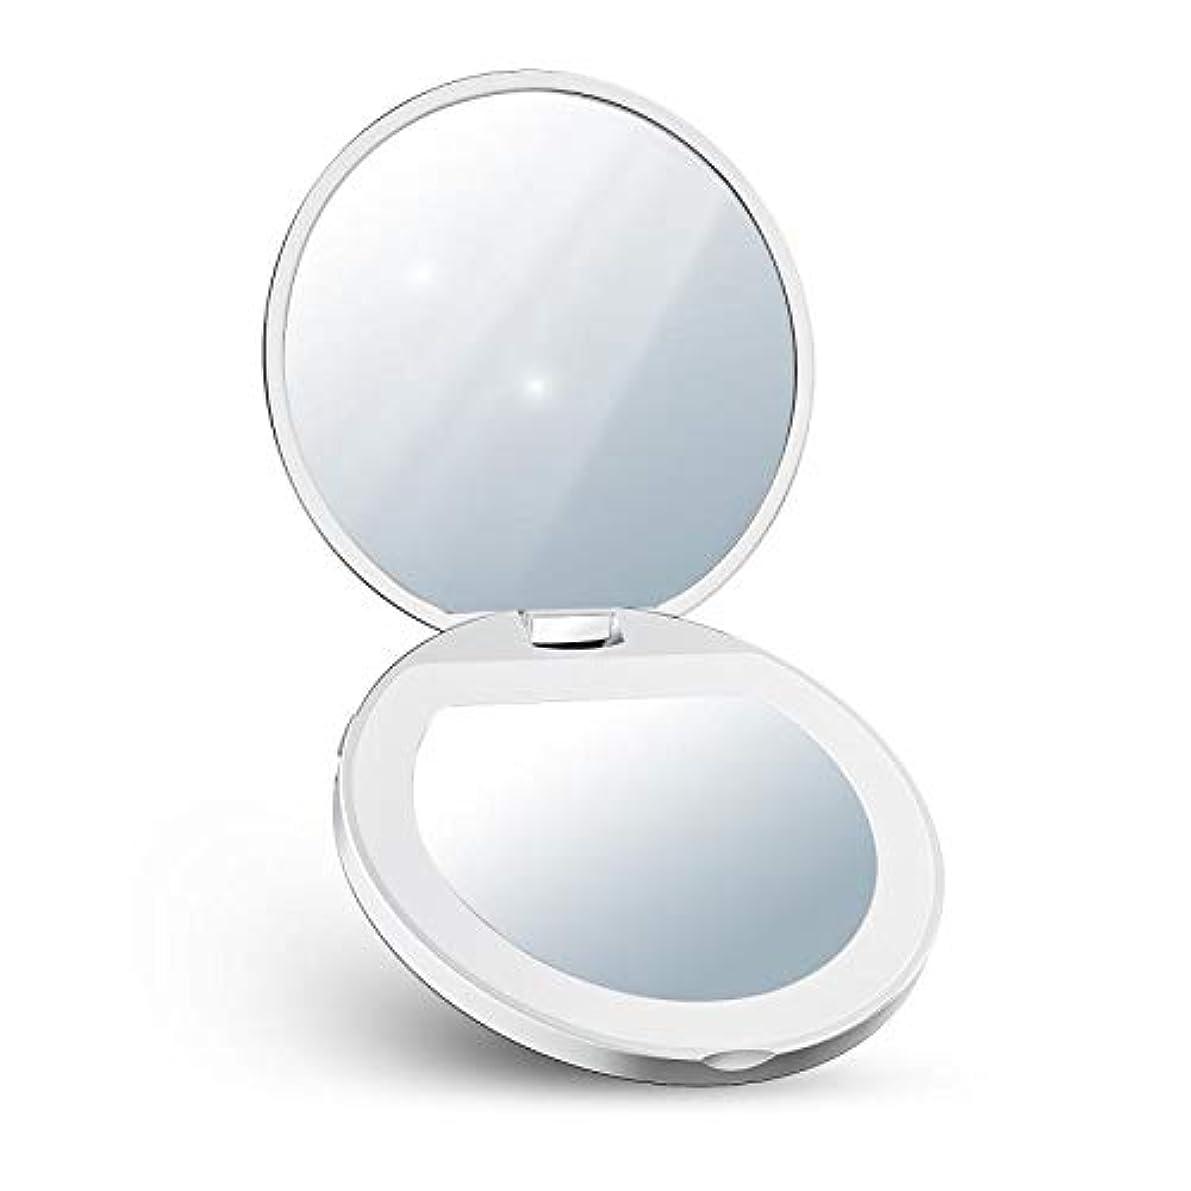 自信があるつまずく幹LED化粧鏡 コンパクト 化粧ミラー 2倍拡大 折りたたみ式 持ちやすい USB充電 明るさ調節可能 両面鏡(ホワイト)